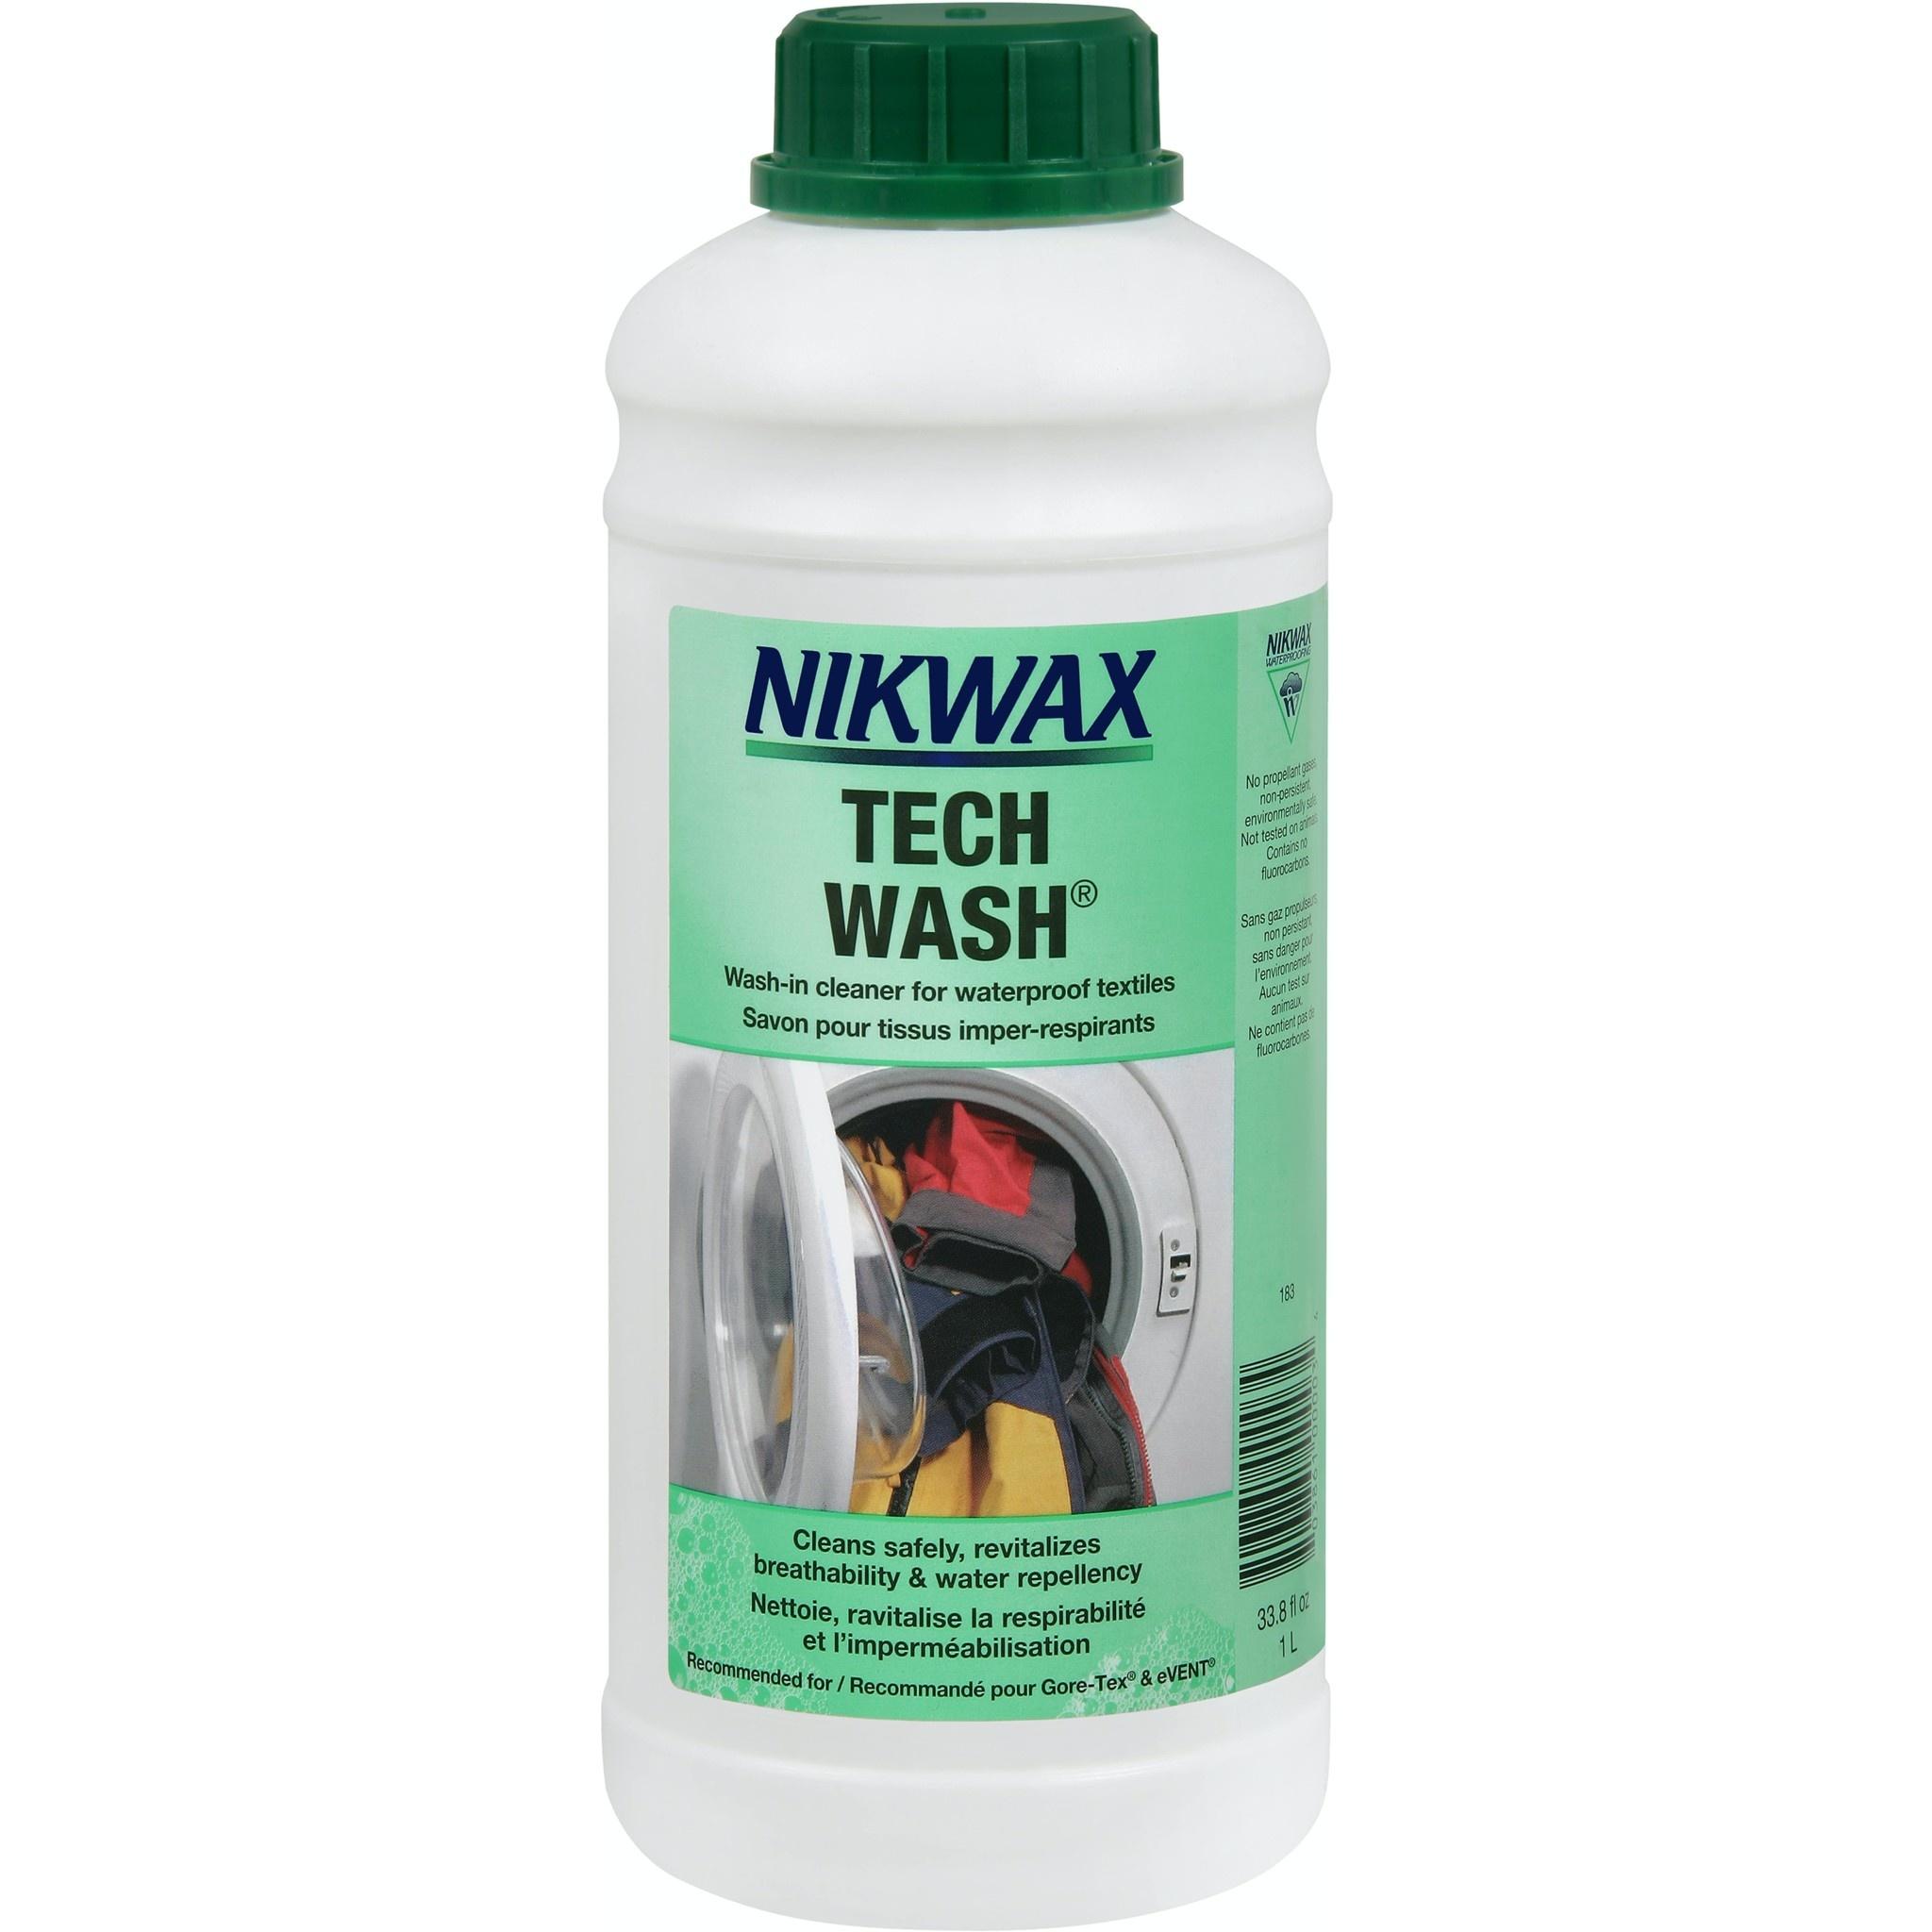 NIKWAX Nikwax Tech Wash (1000mL)